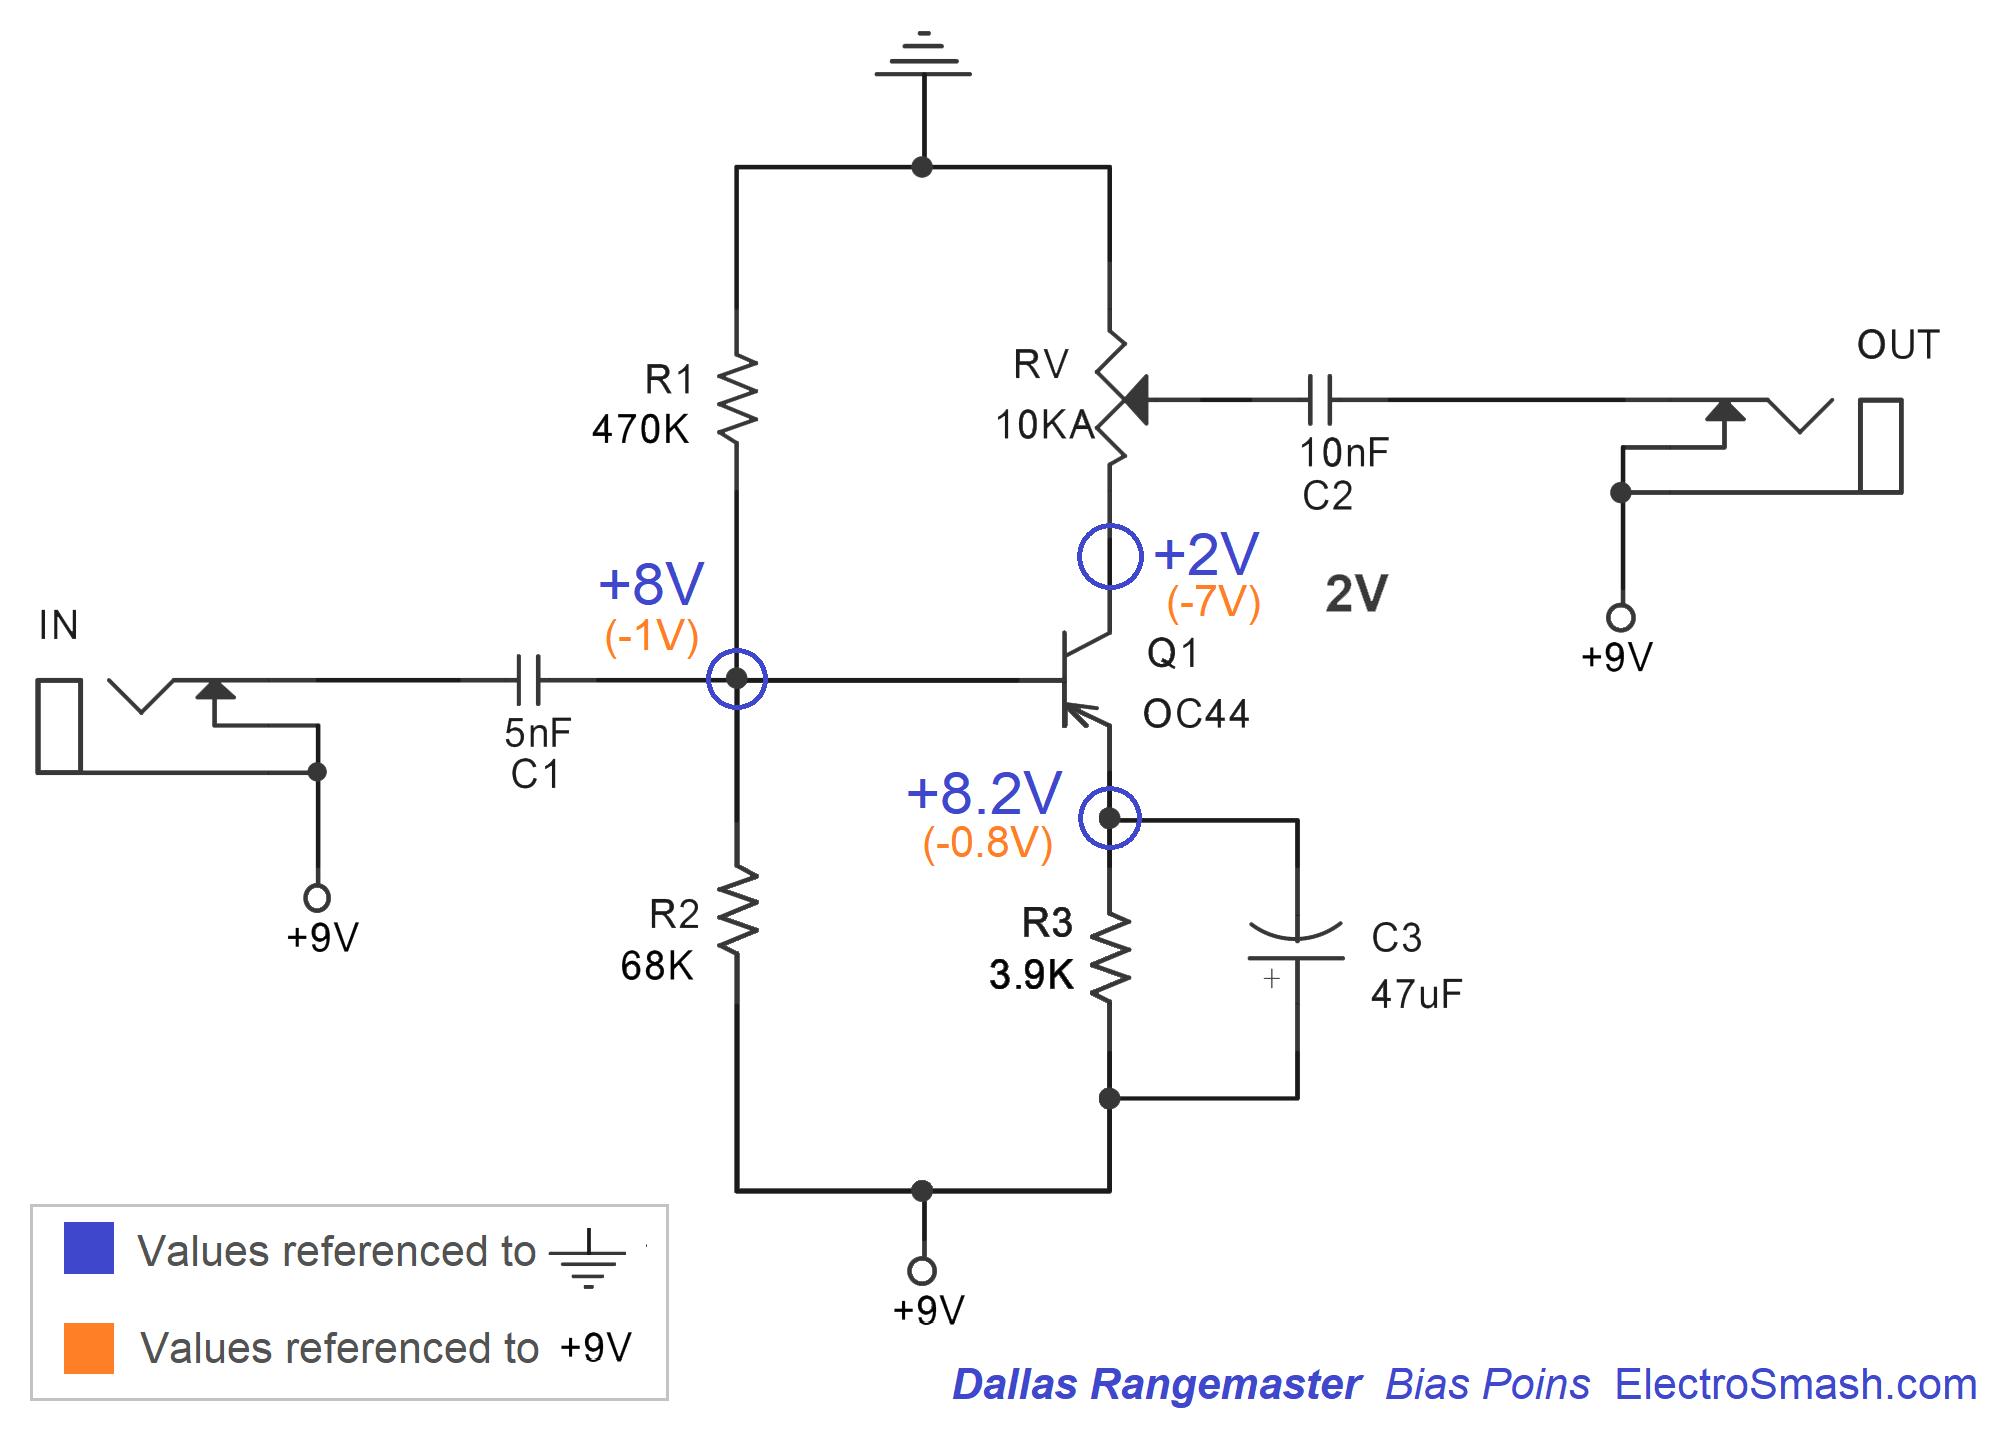 ElectroSmash - Dallas Rangemaster Treble Booster Circuit ... on vintage hofner guitar schematic, bk drive pedal schematic, treble booster schematic, klon centaur schematic, dyson schematic,